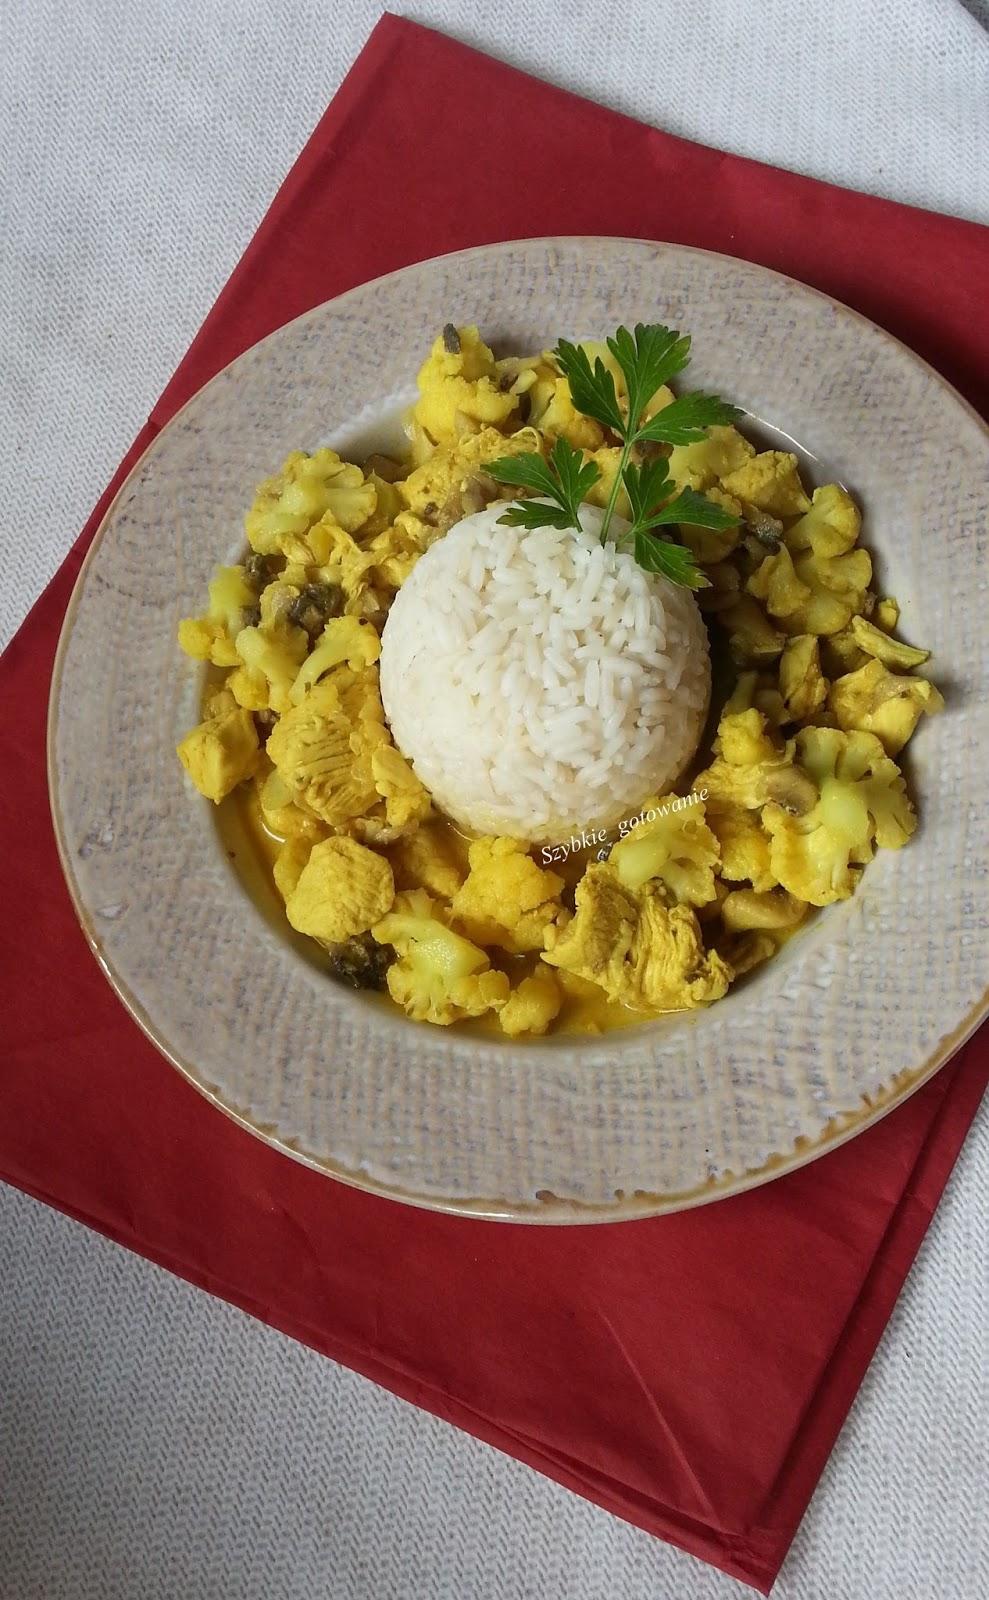 http://nietracczasunagotowanie.blogspot.com/2014/08/pyszne-curry-z-kurczakiem-kalafiorem-i.html